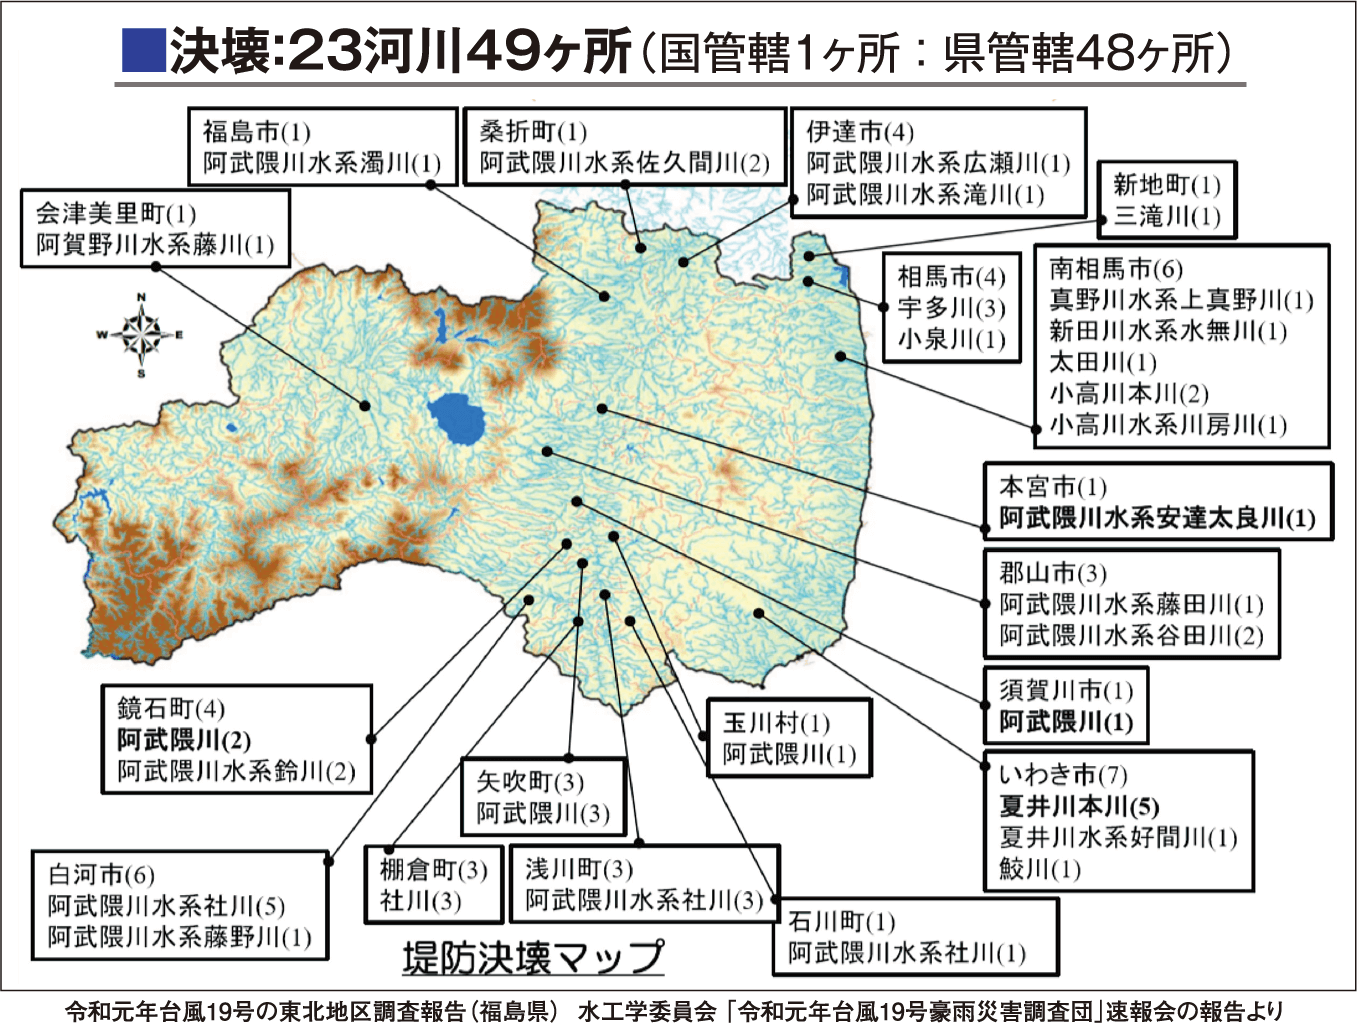 令和元年台風19号の東北地区調査報告(福島県) 水工学委員会 「令和元年台風19号豪雨災害調査団」速報会の報告より